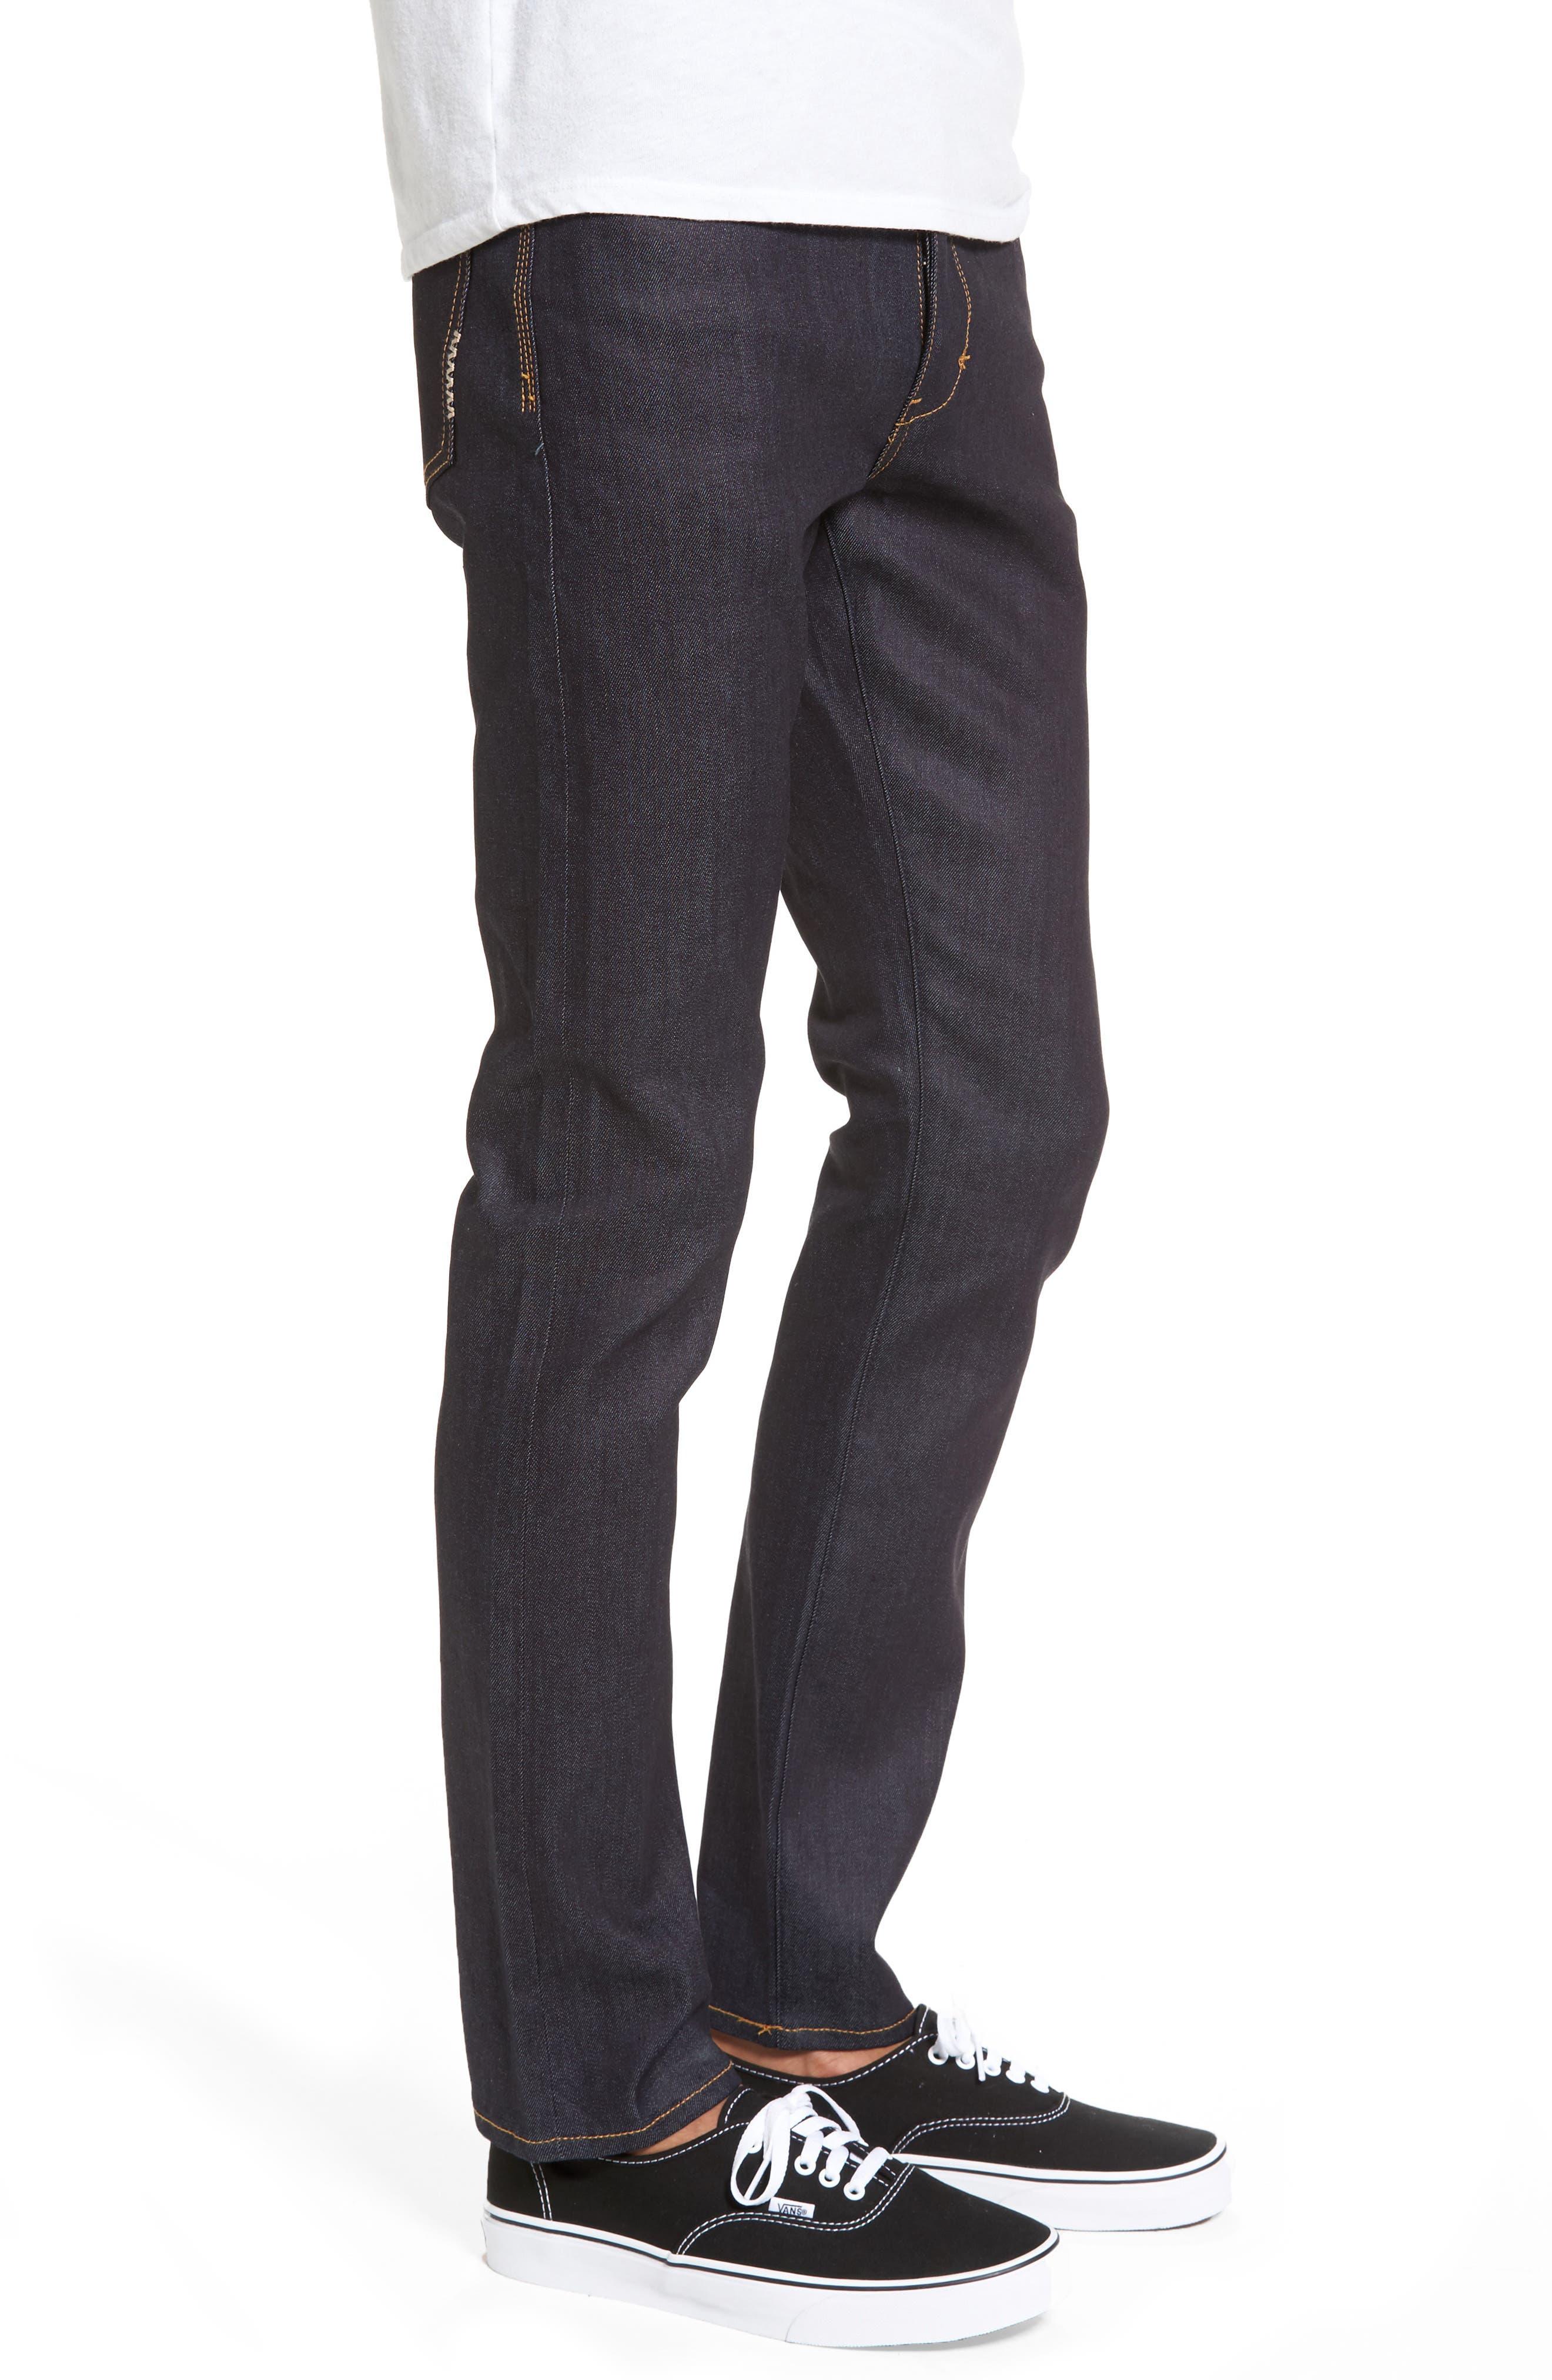 Alternate Image 3  - Neuw Iggy Skinny Jeans (Raw Stretch)